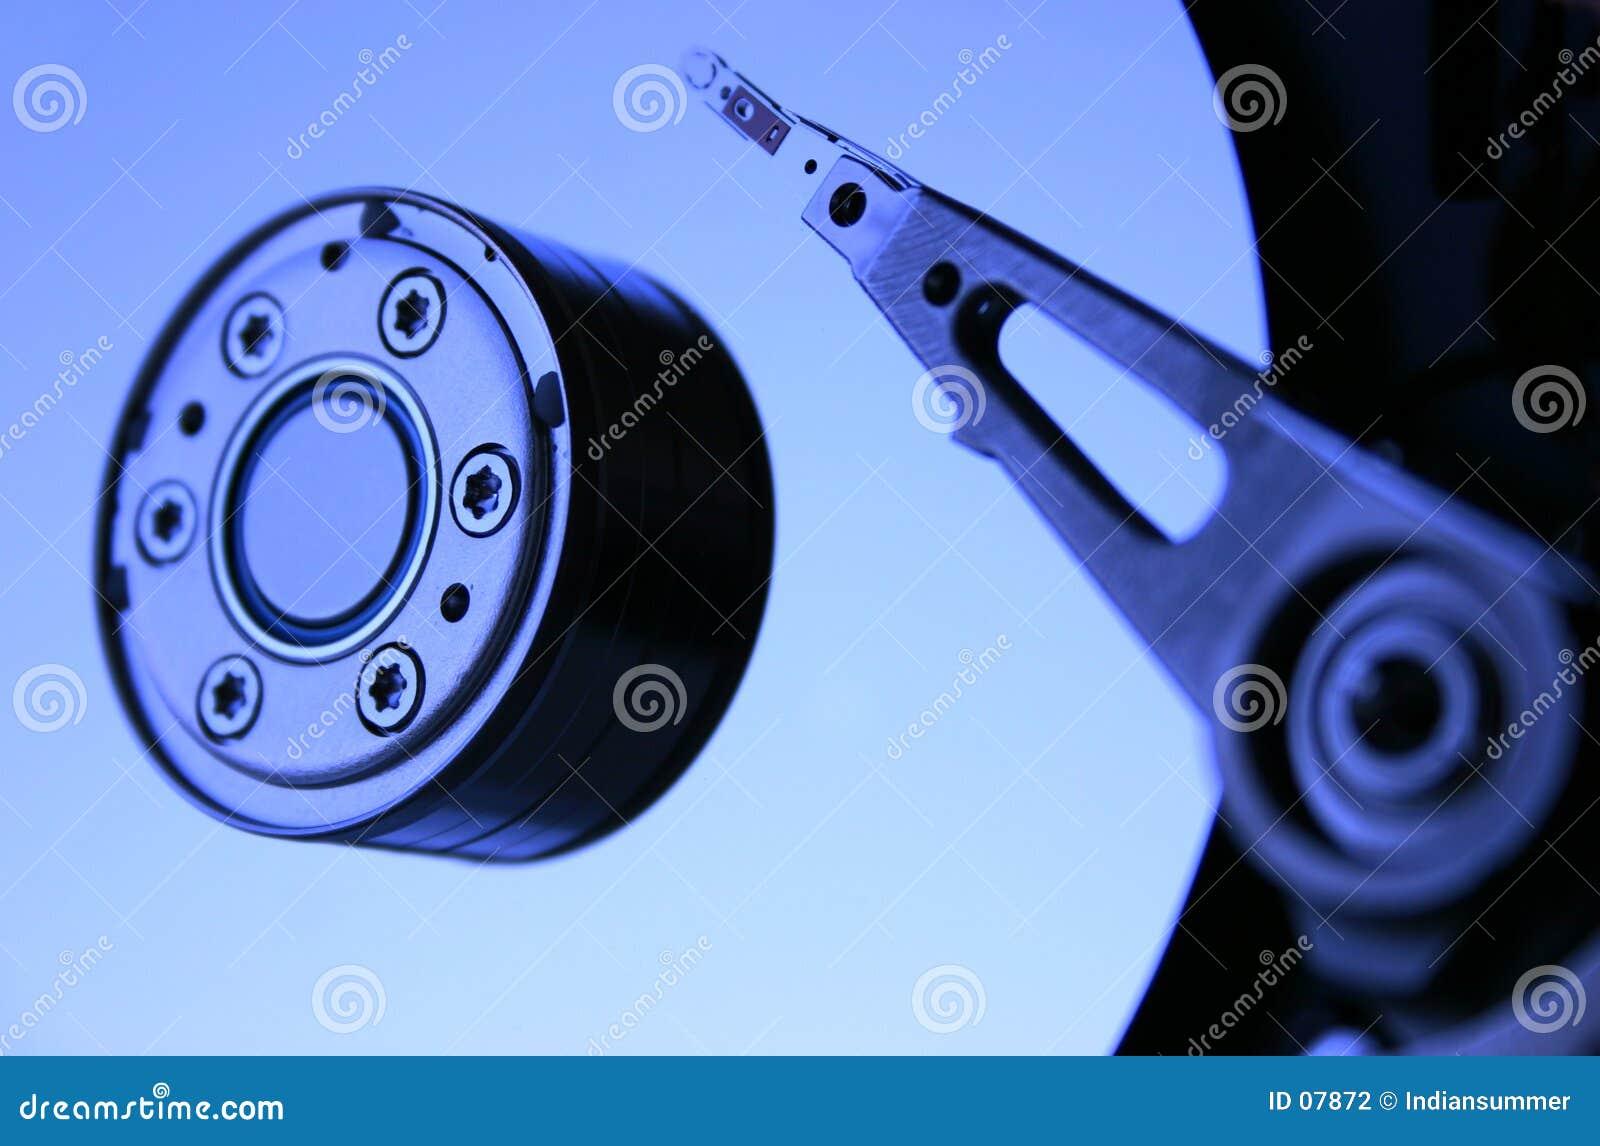 磁盘驱动器困难iv